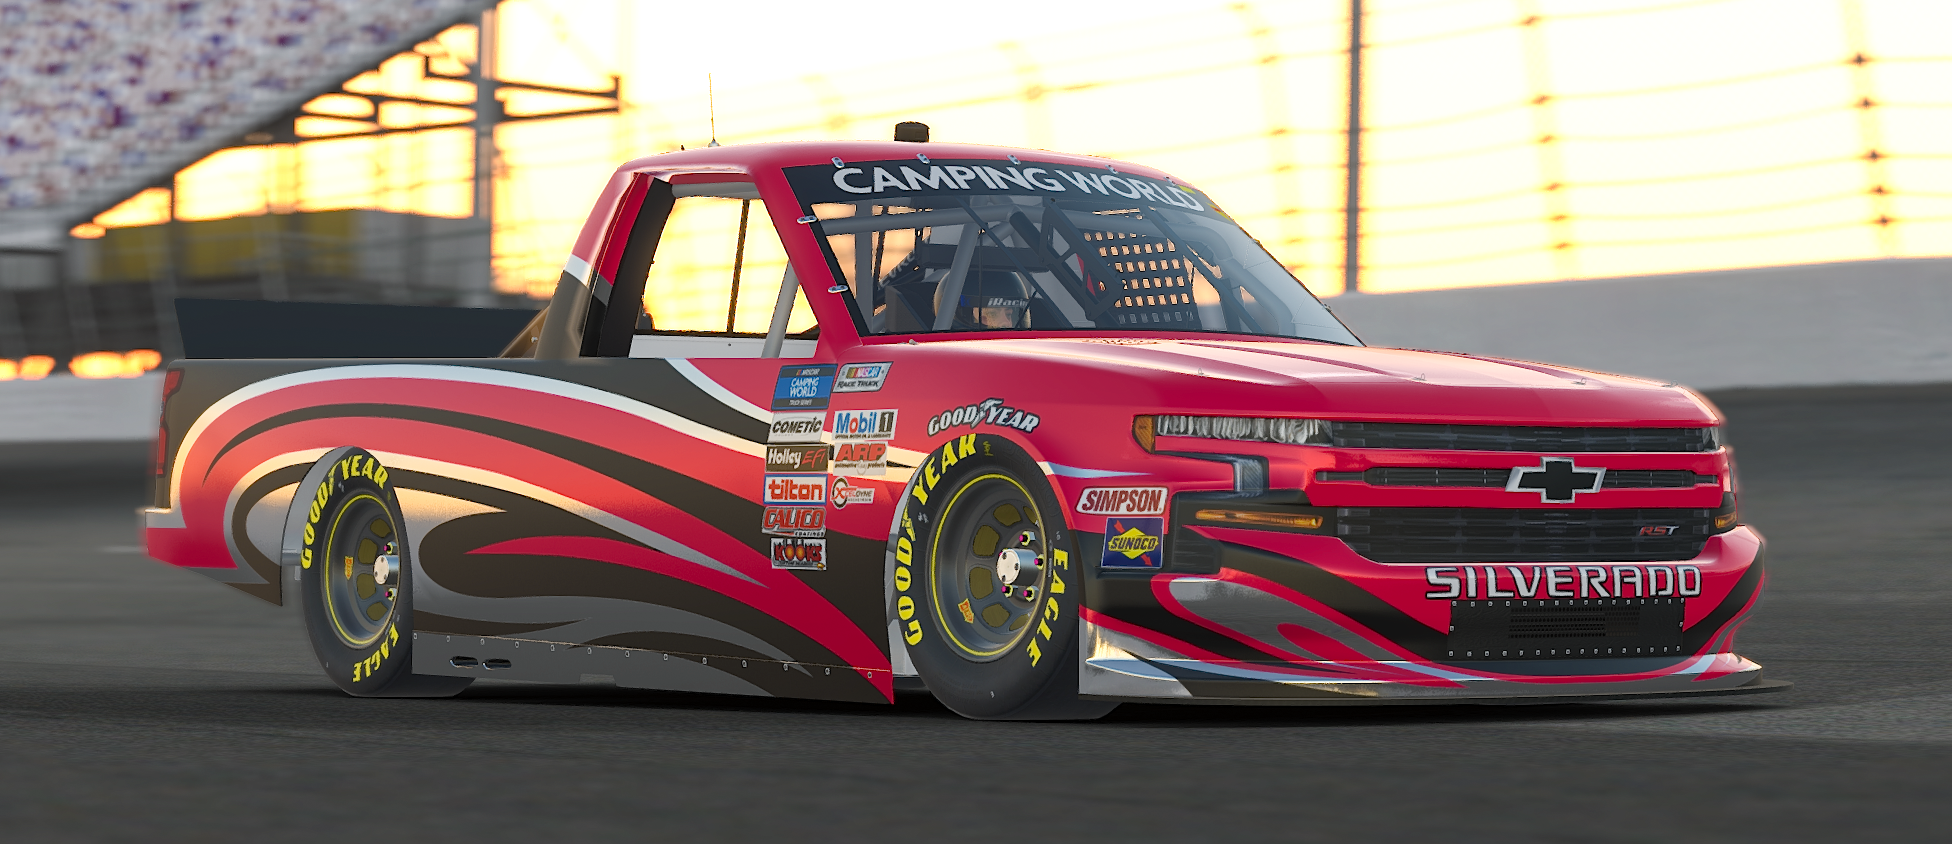 Chevrolet Silverado - 001